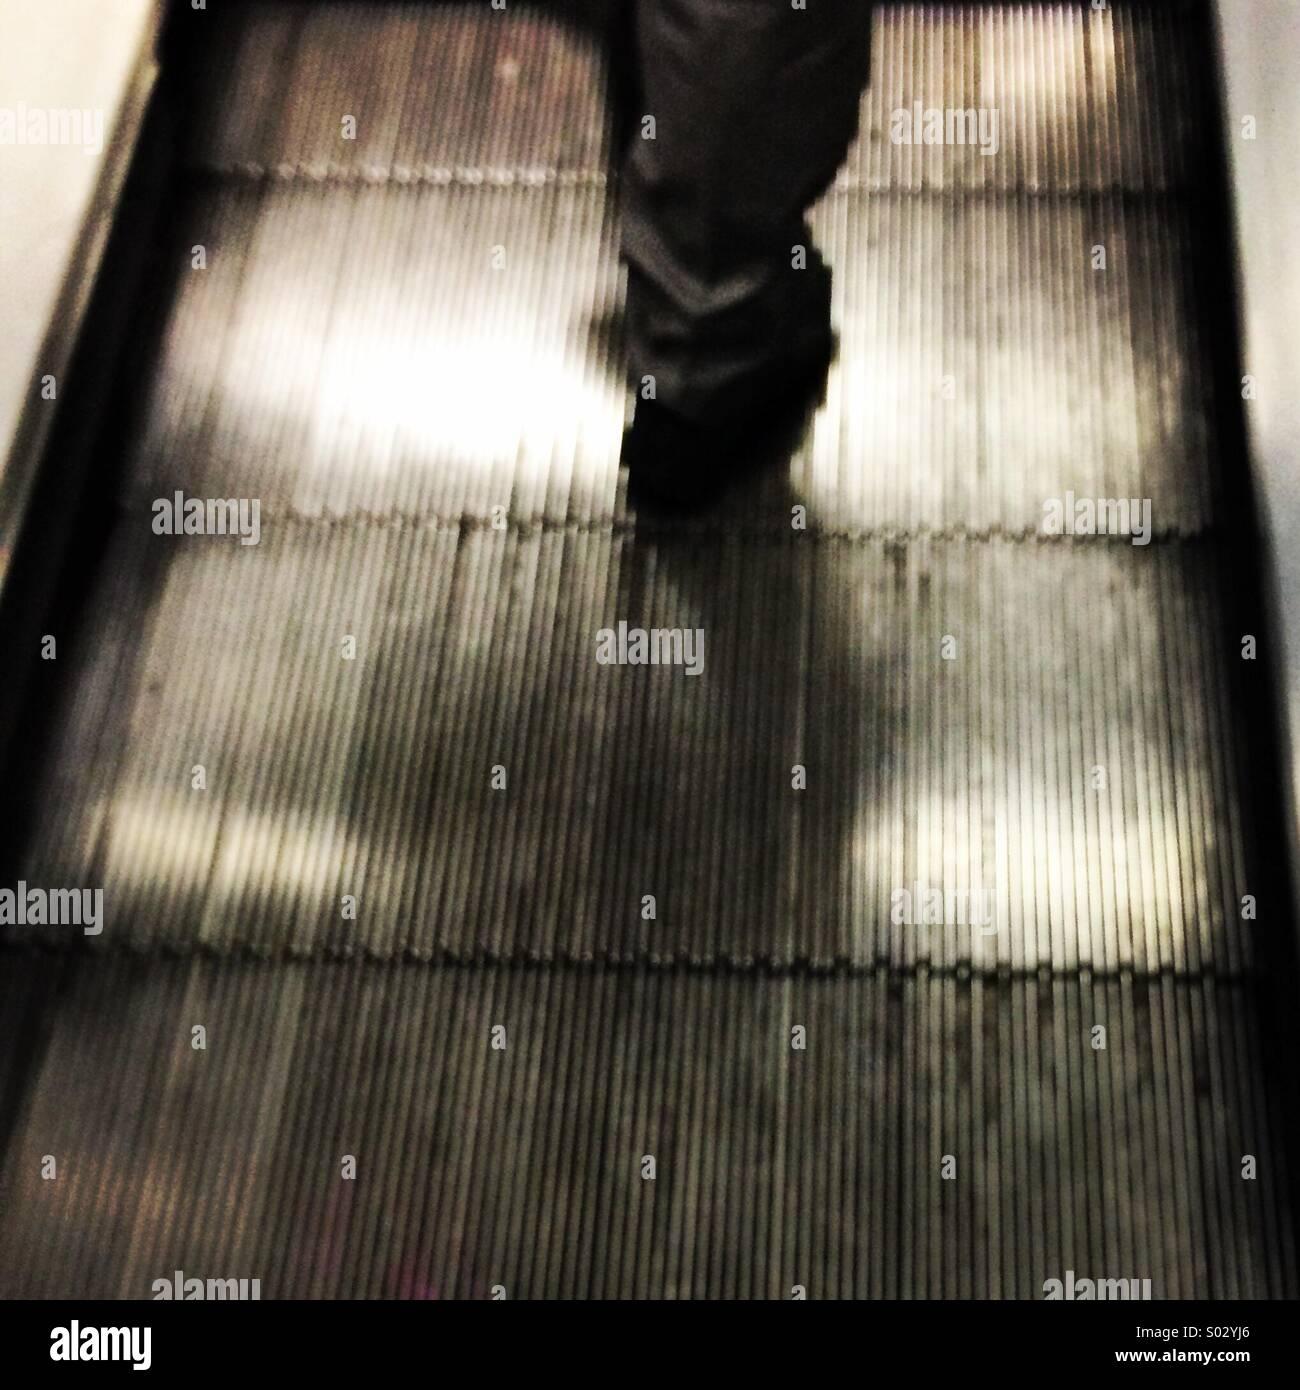 Sfocato gambe camminando su un tapis roulants escalator. Immagini Stock